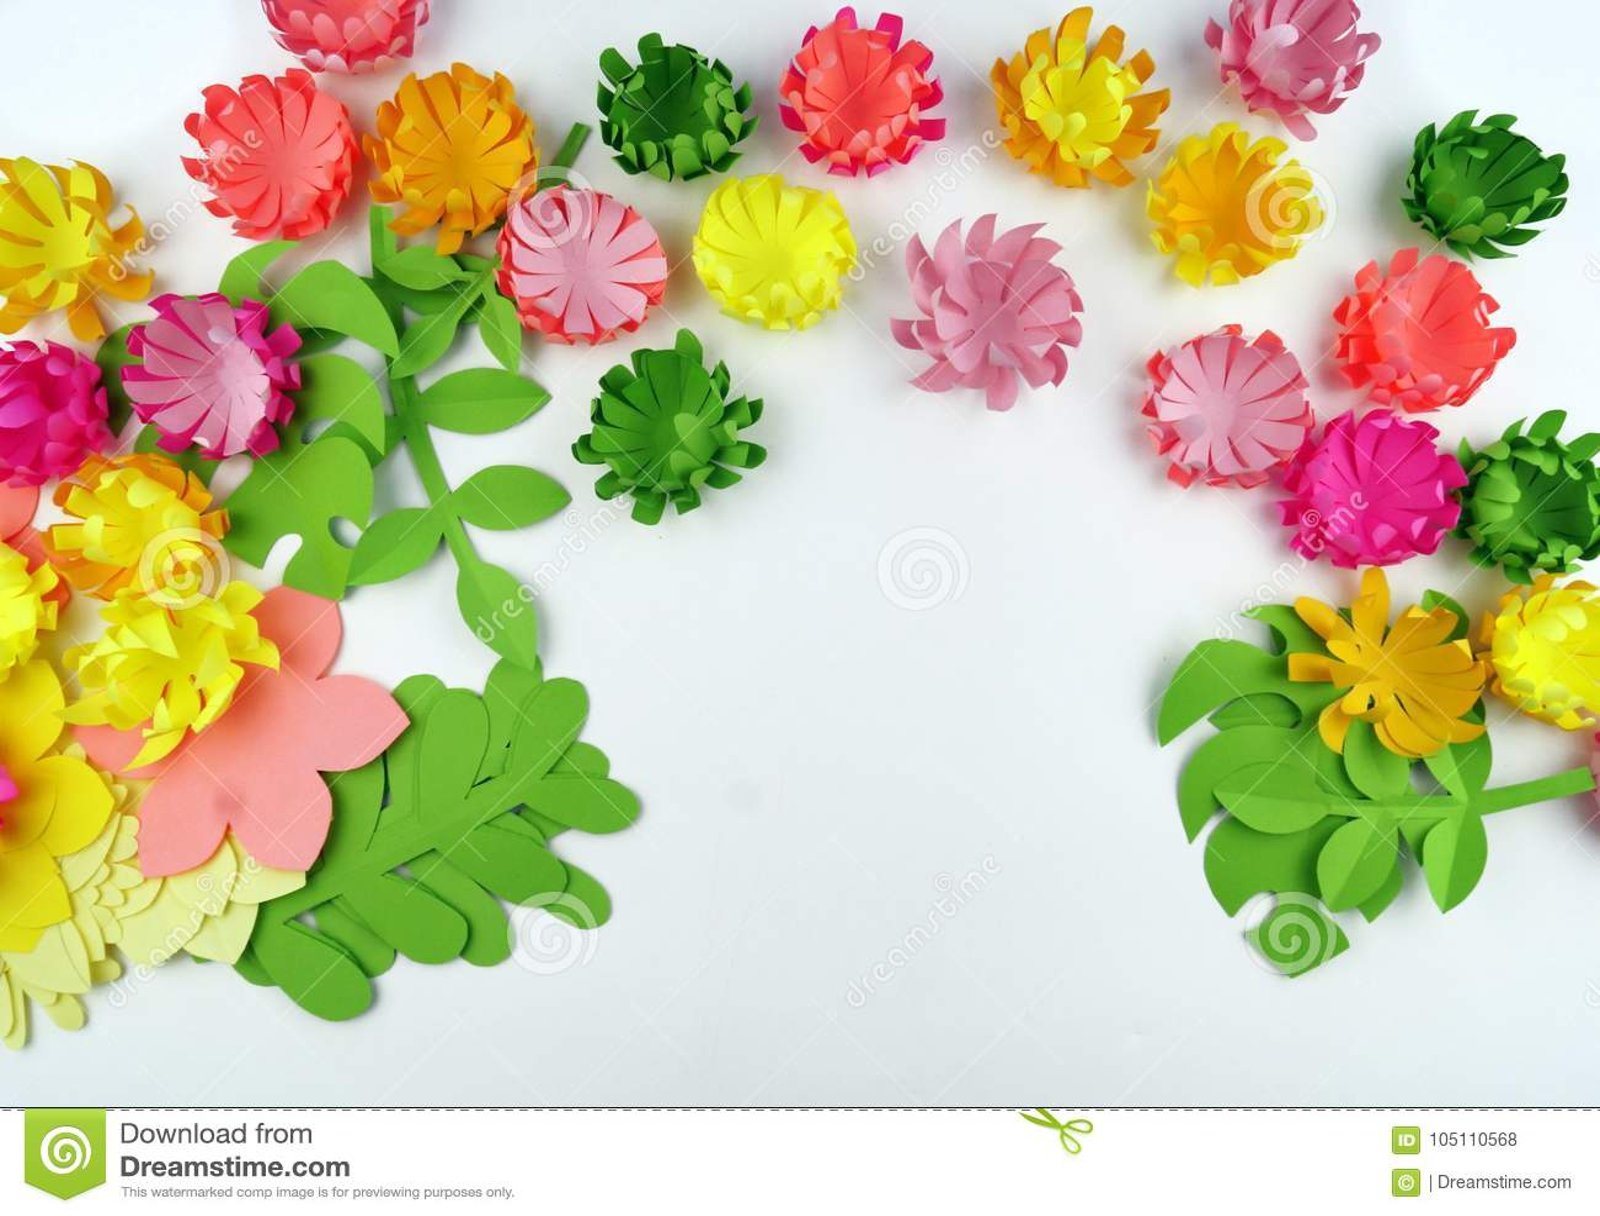 Flowers made of paperper flowerspring stock photo image of download flowers made of paperper flowerspring stock photo image of mightylinksfo